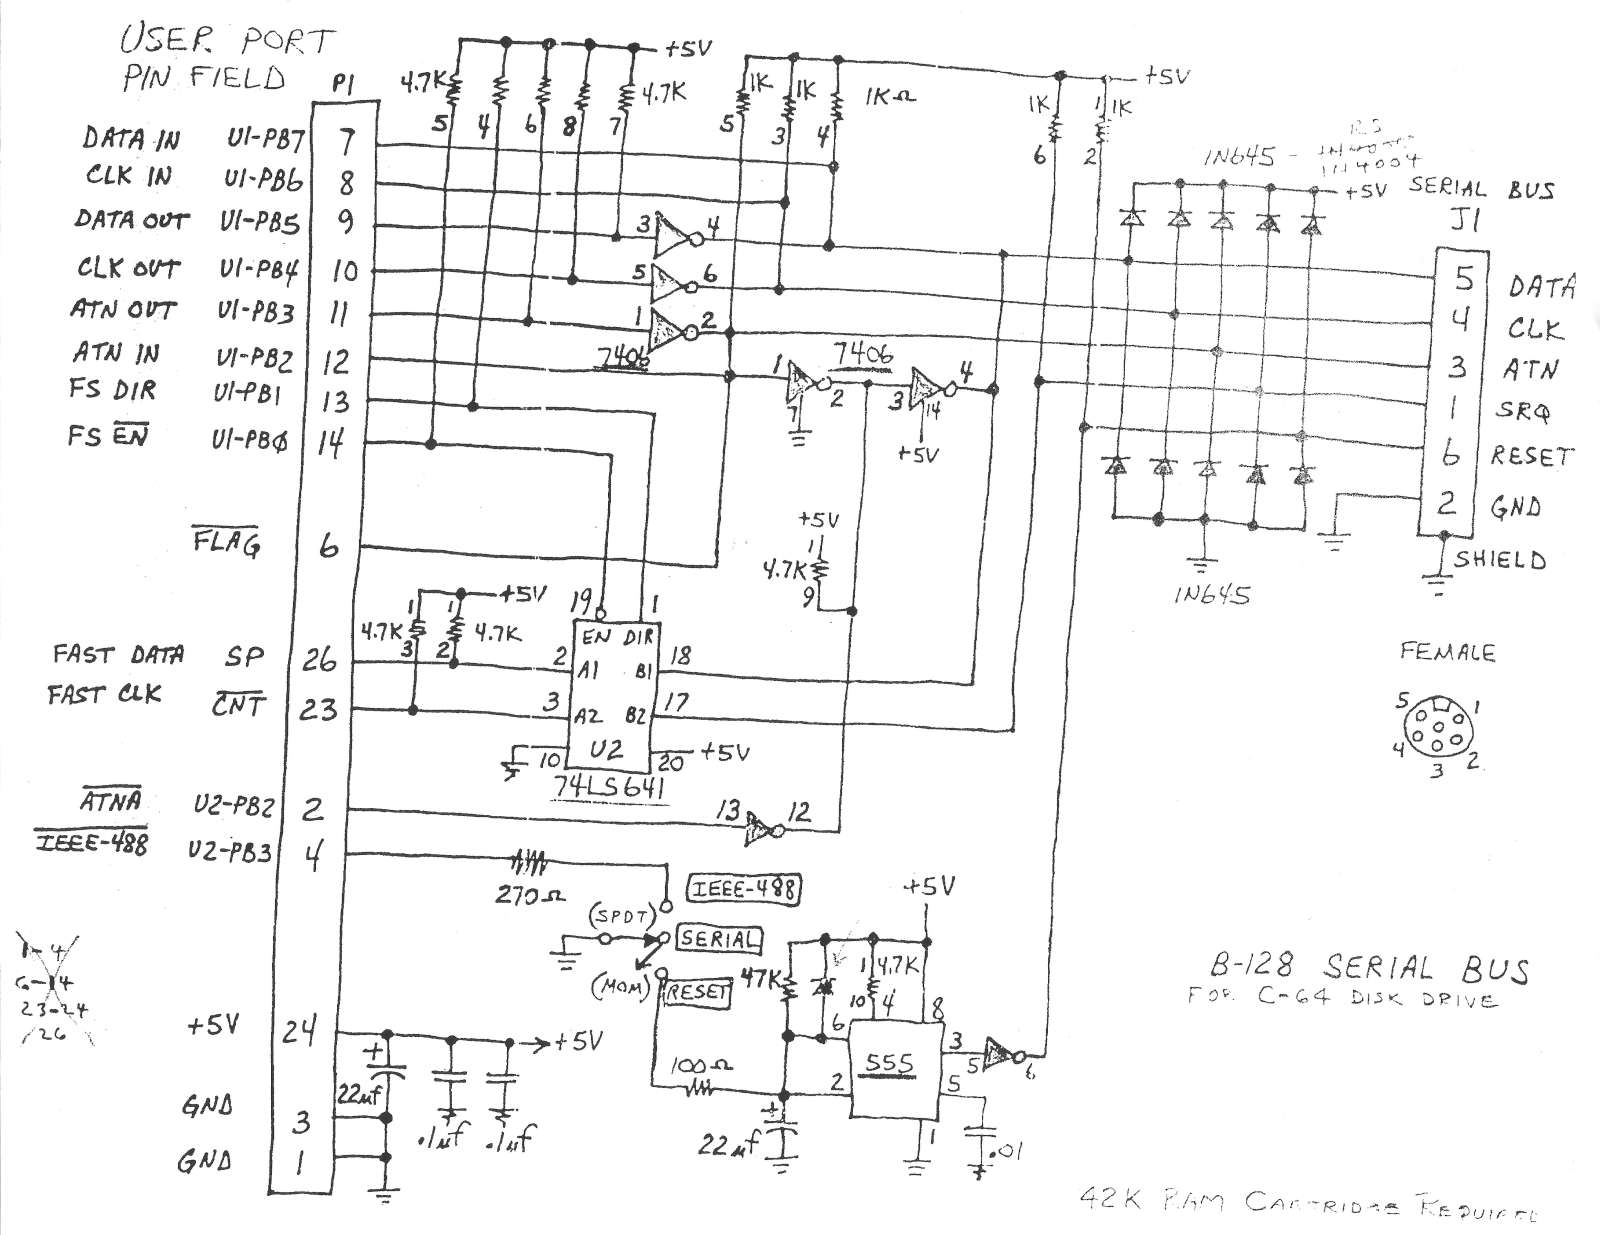 8088 computer schematics